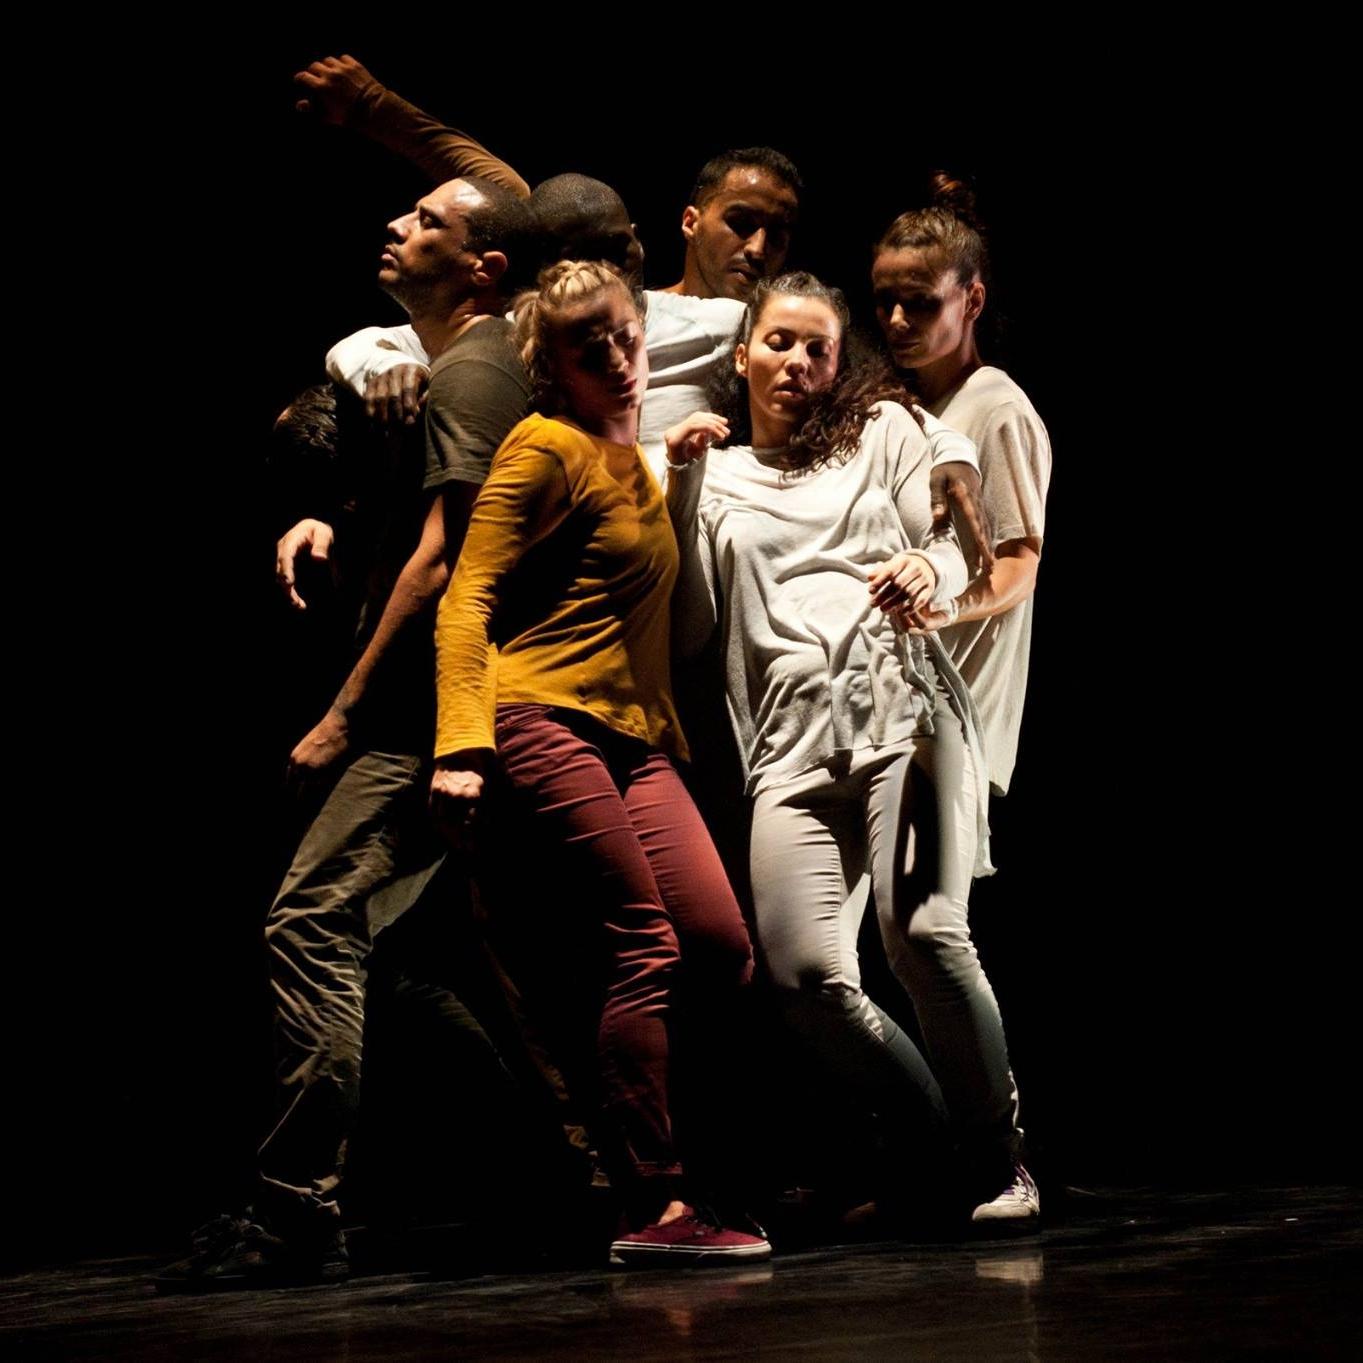 RƎSISTANCES - Création 2O16 pour 7 danseurs